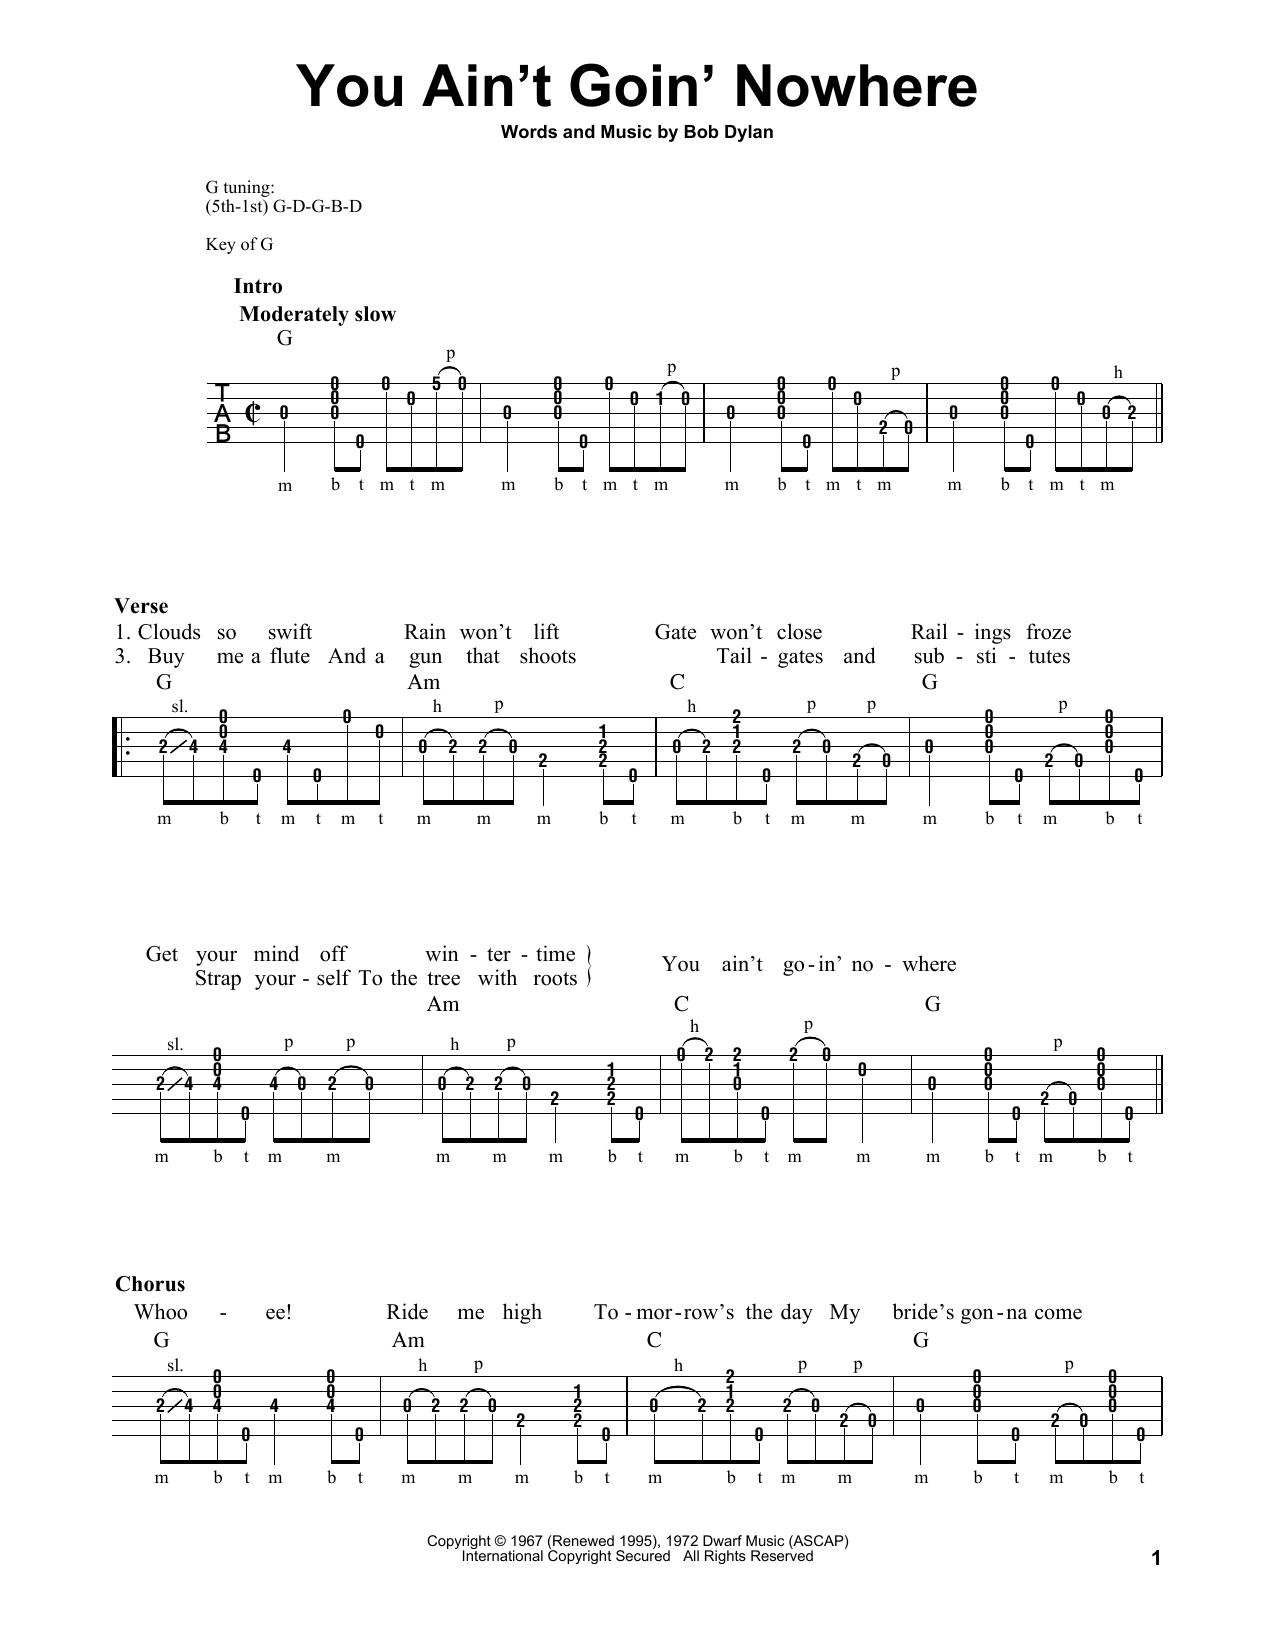 You Ain't Goin' Nowhere Sheet Music   Bob Dylan   Banjo Tab